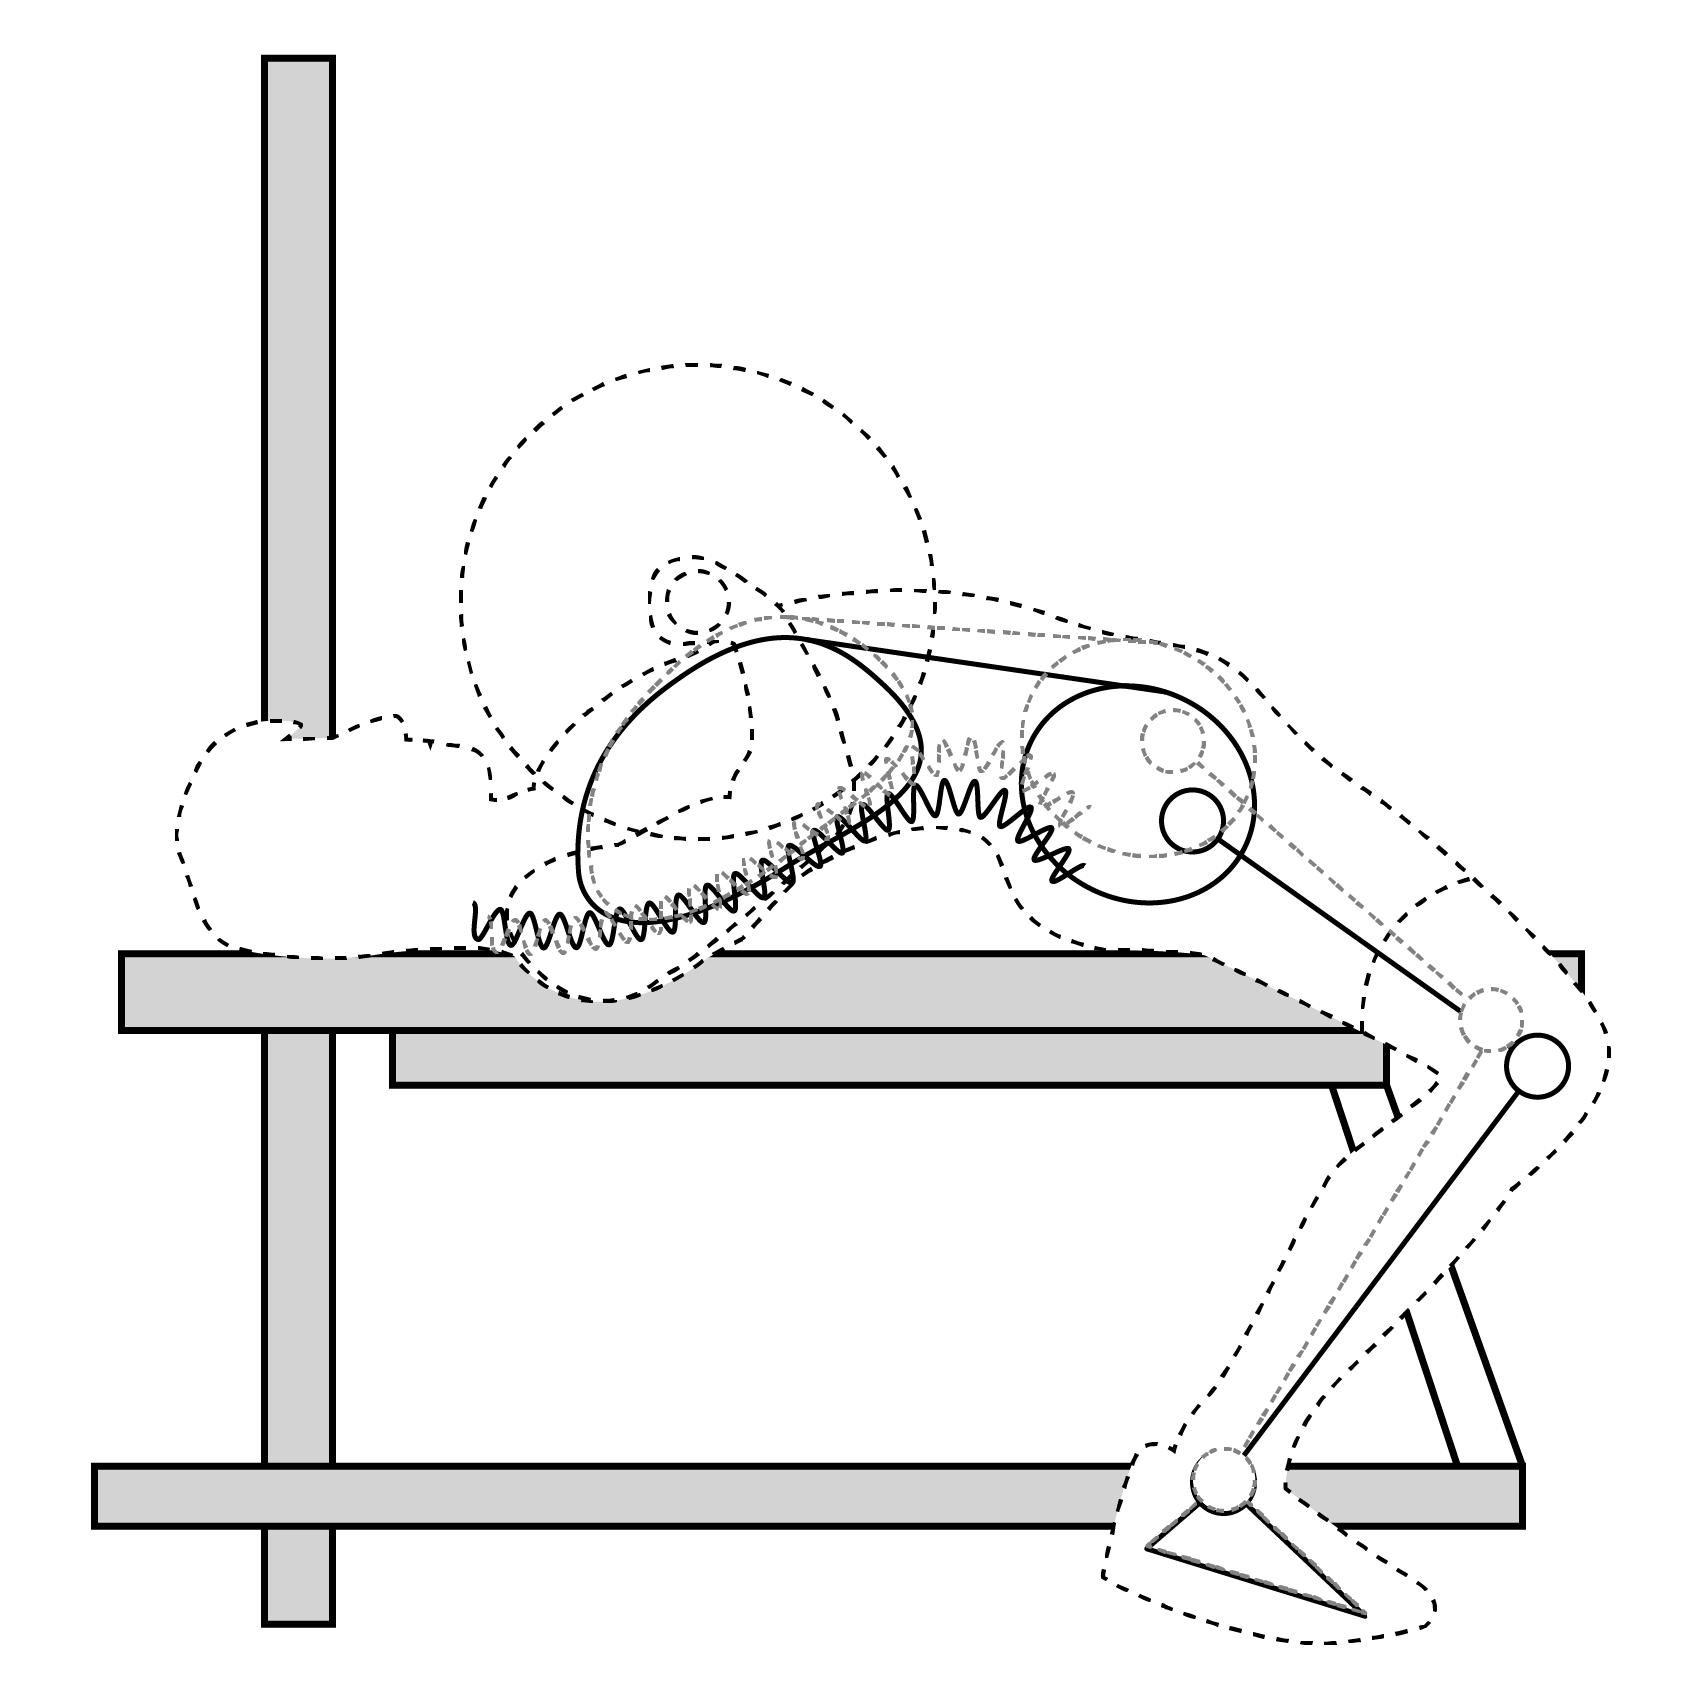 Механизм передачи импульса от ног штанге при выполнении жима штанги лежа